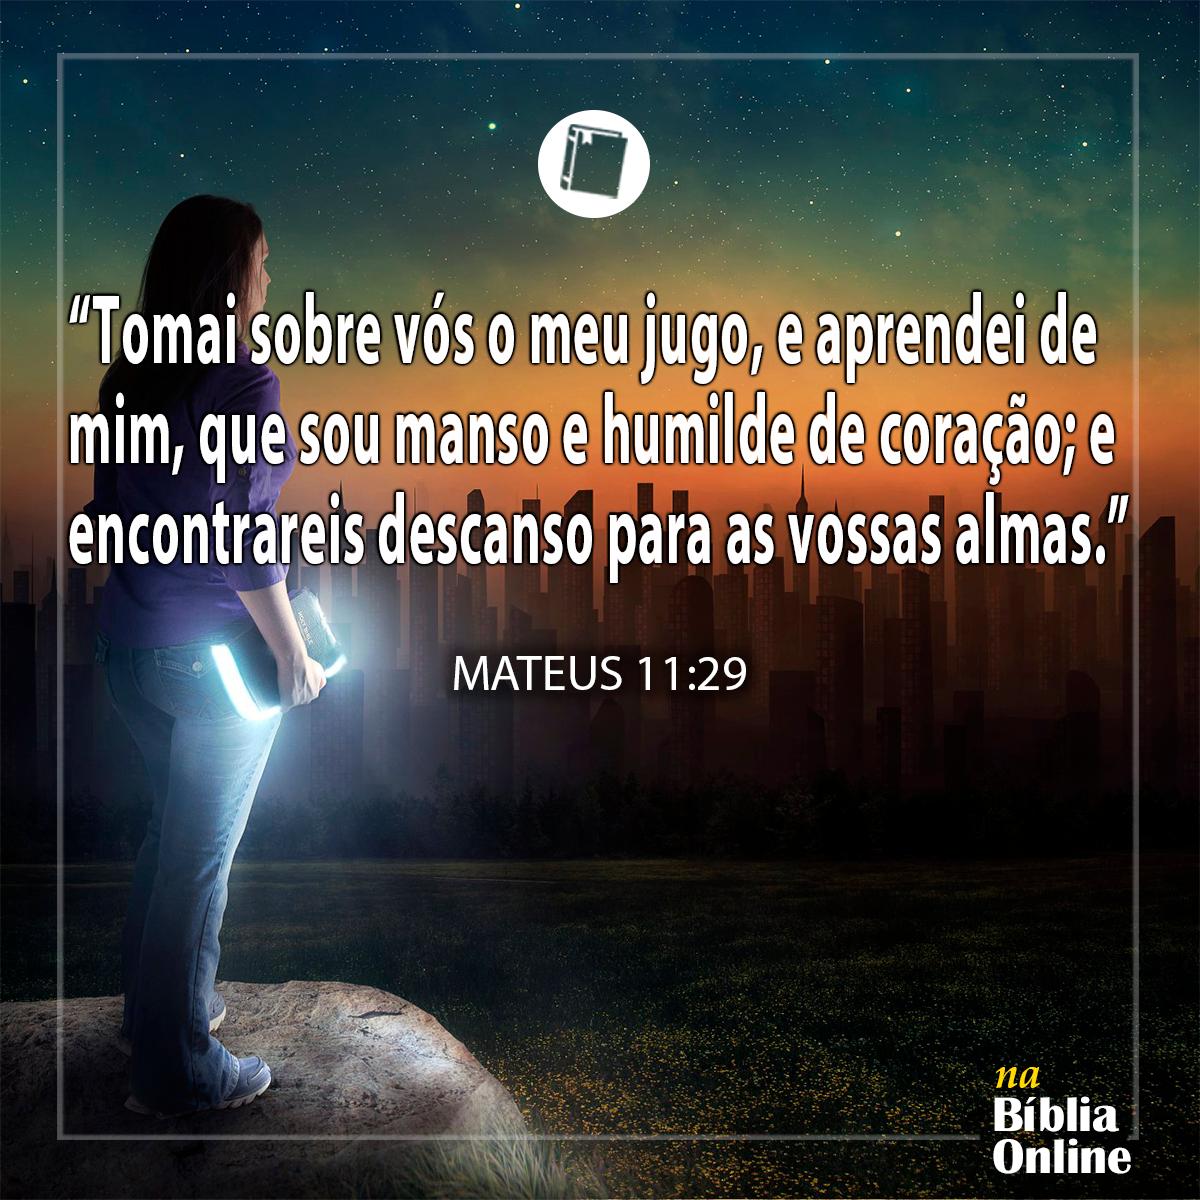 Mateus 11:29